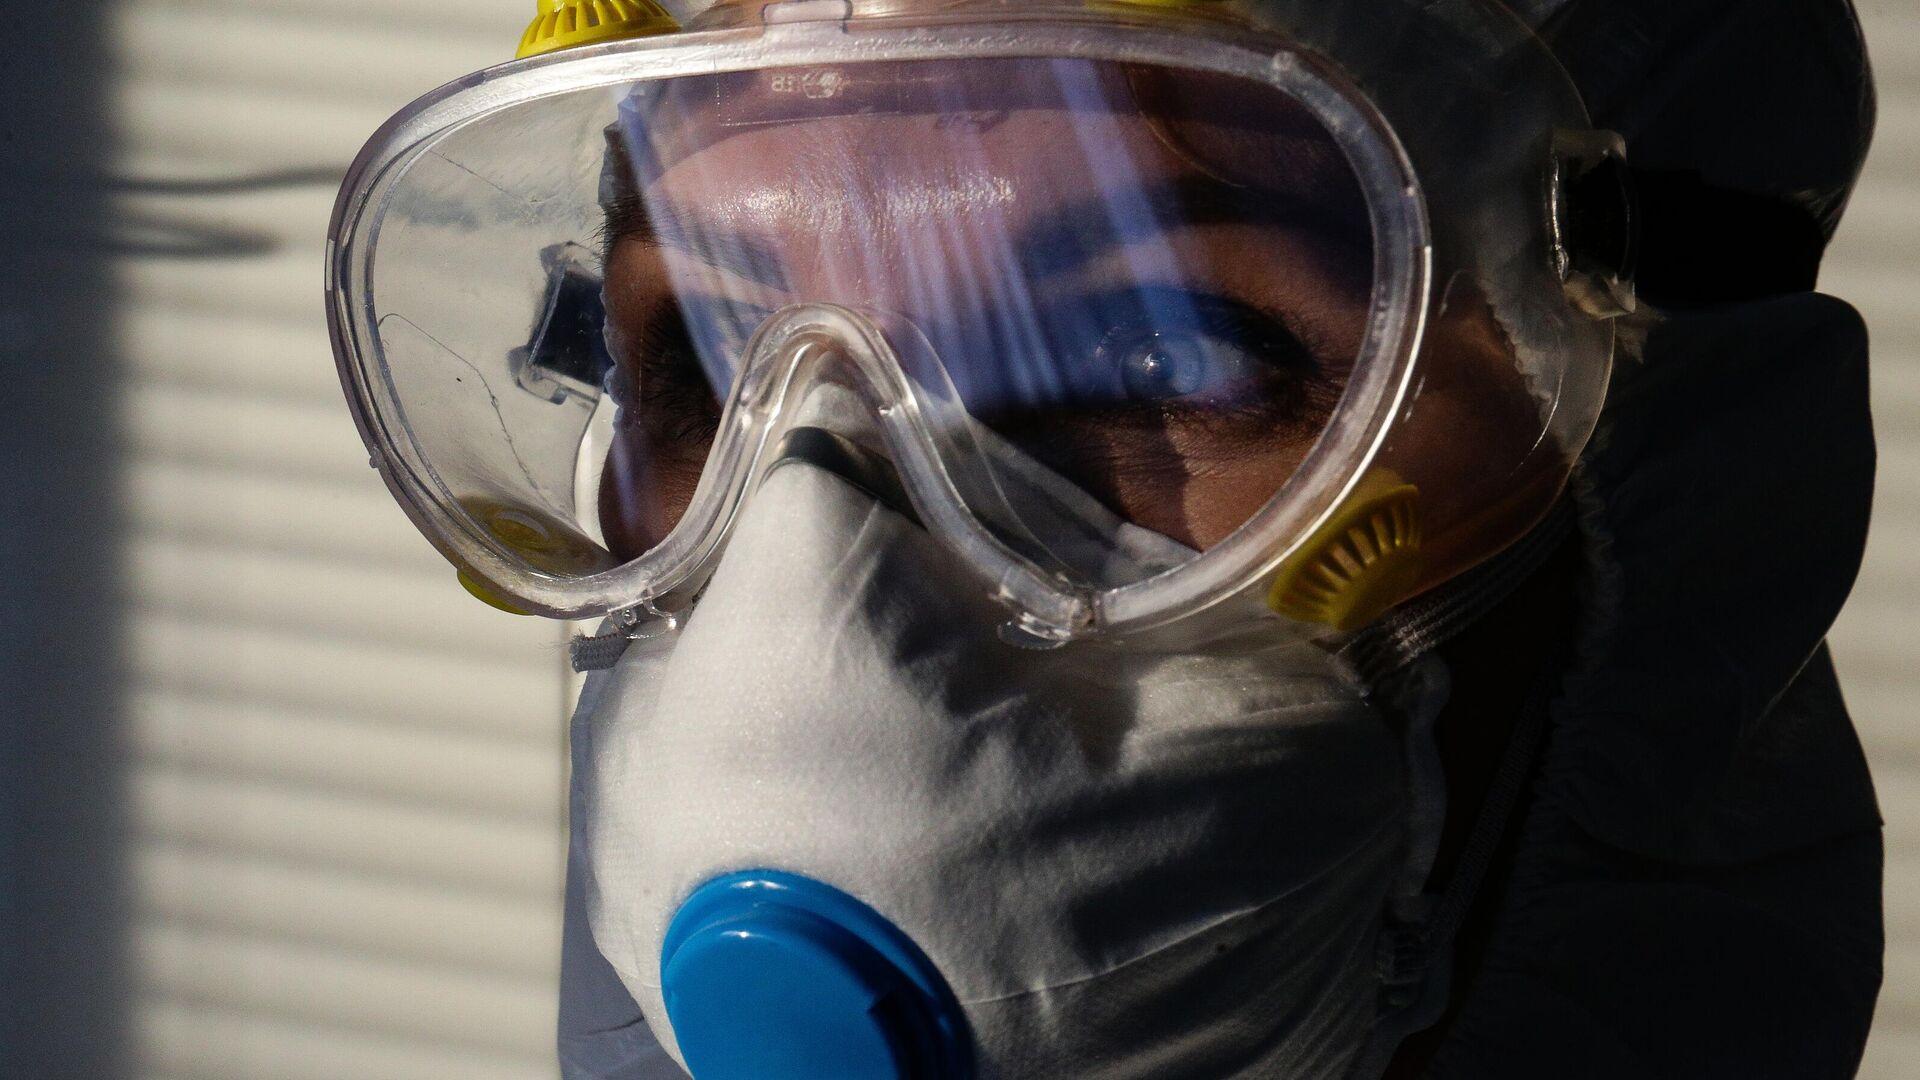 Врач Новосибирской областной клинической больницы в защитном противоэпидемическом костюме - РИА Новости, 1920, 12.01.2021